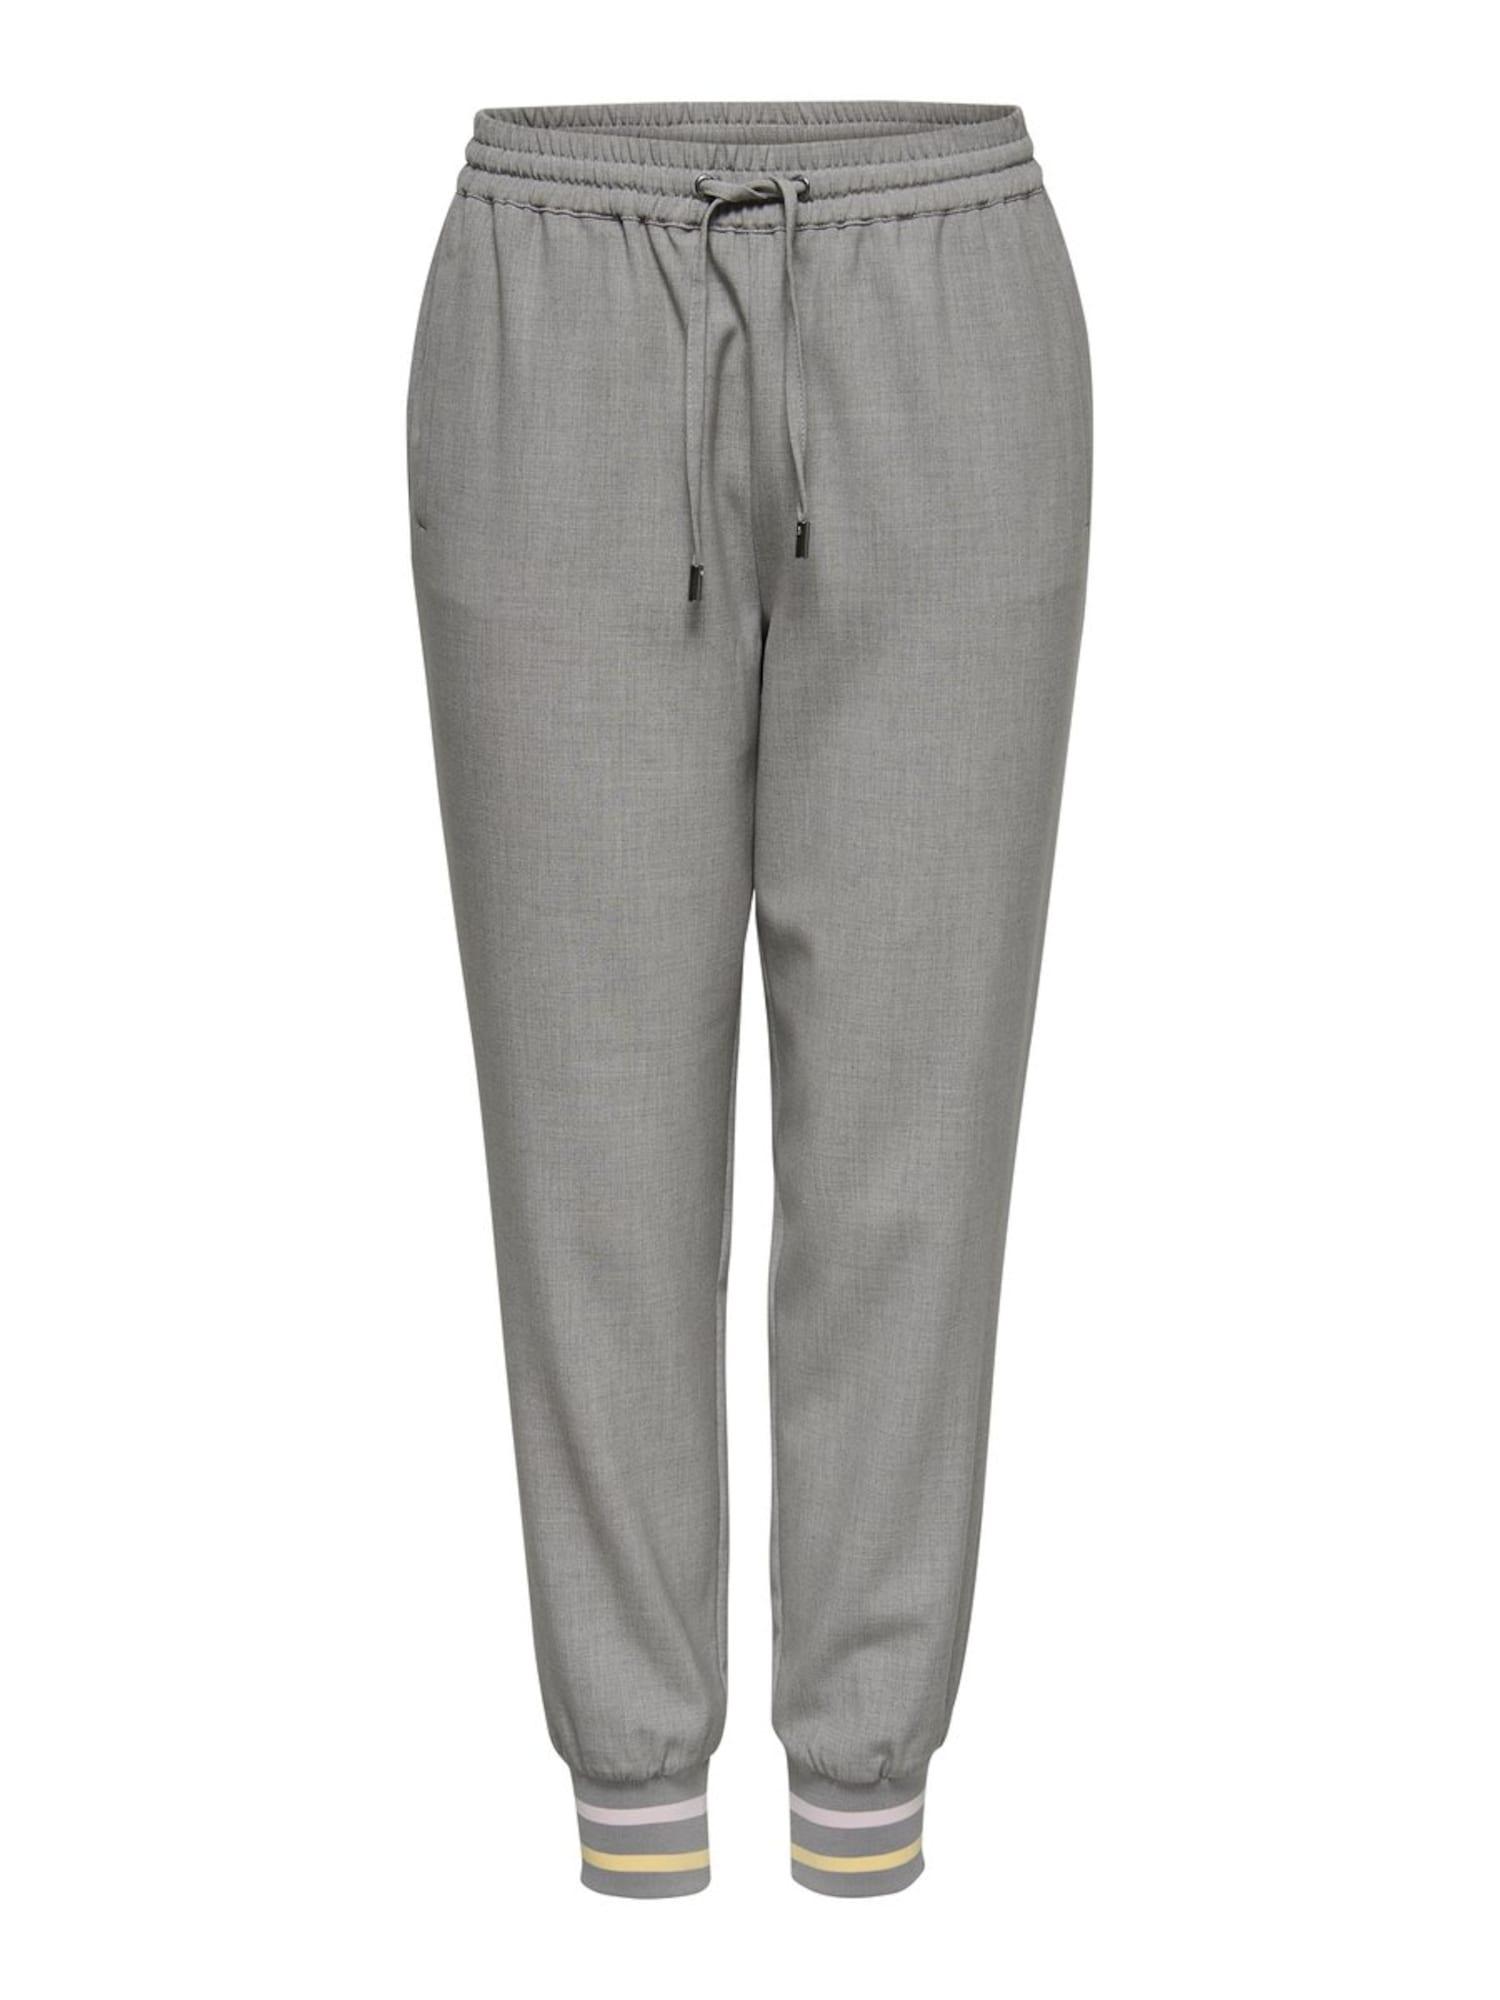 Kalhoty Olivia Marilla šedý melír ONLY